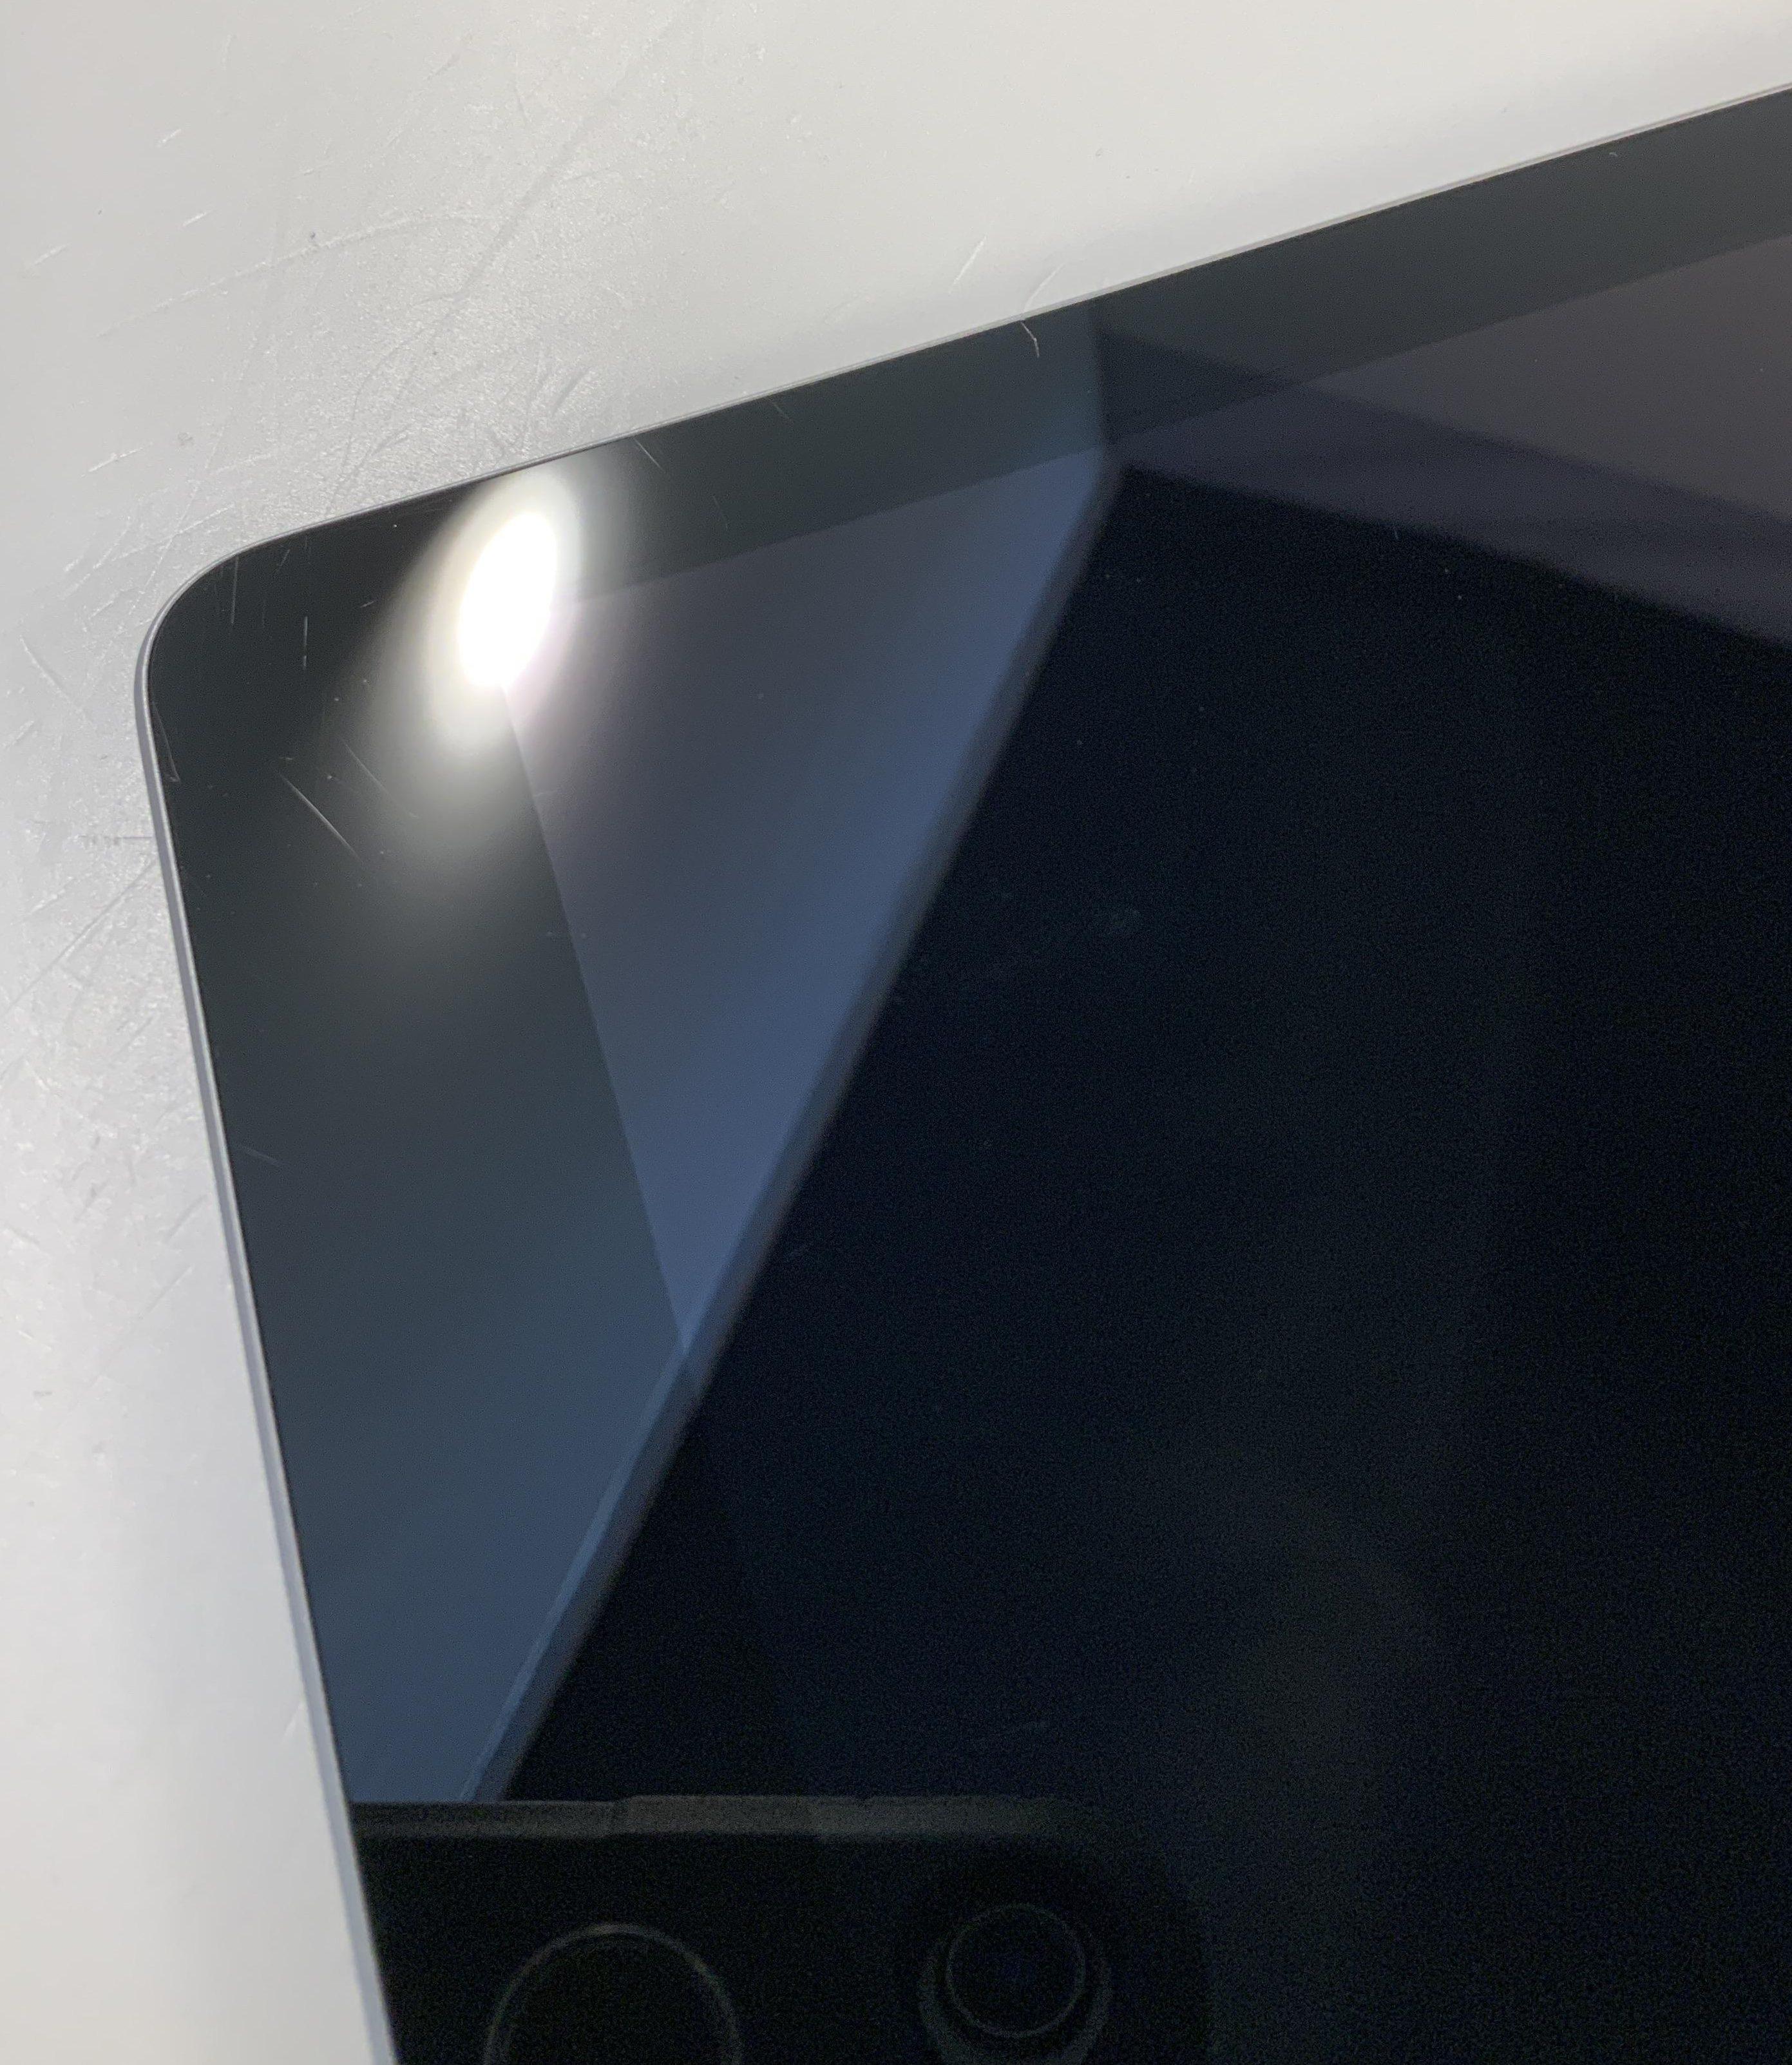 iPad 6 Wi-Fi 32GB, 32GB, Space Gray, obraz 4